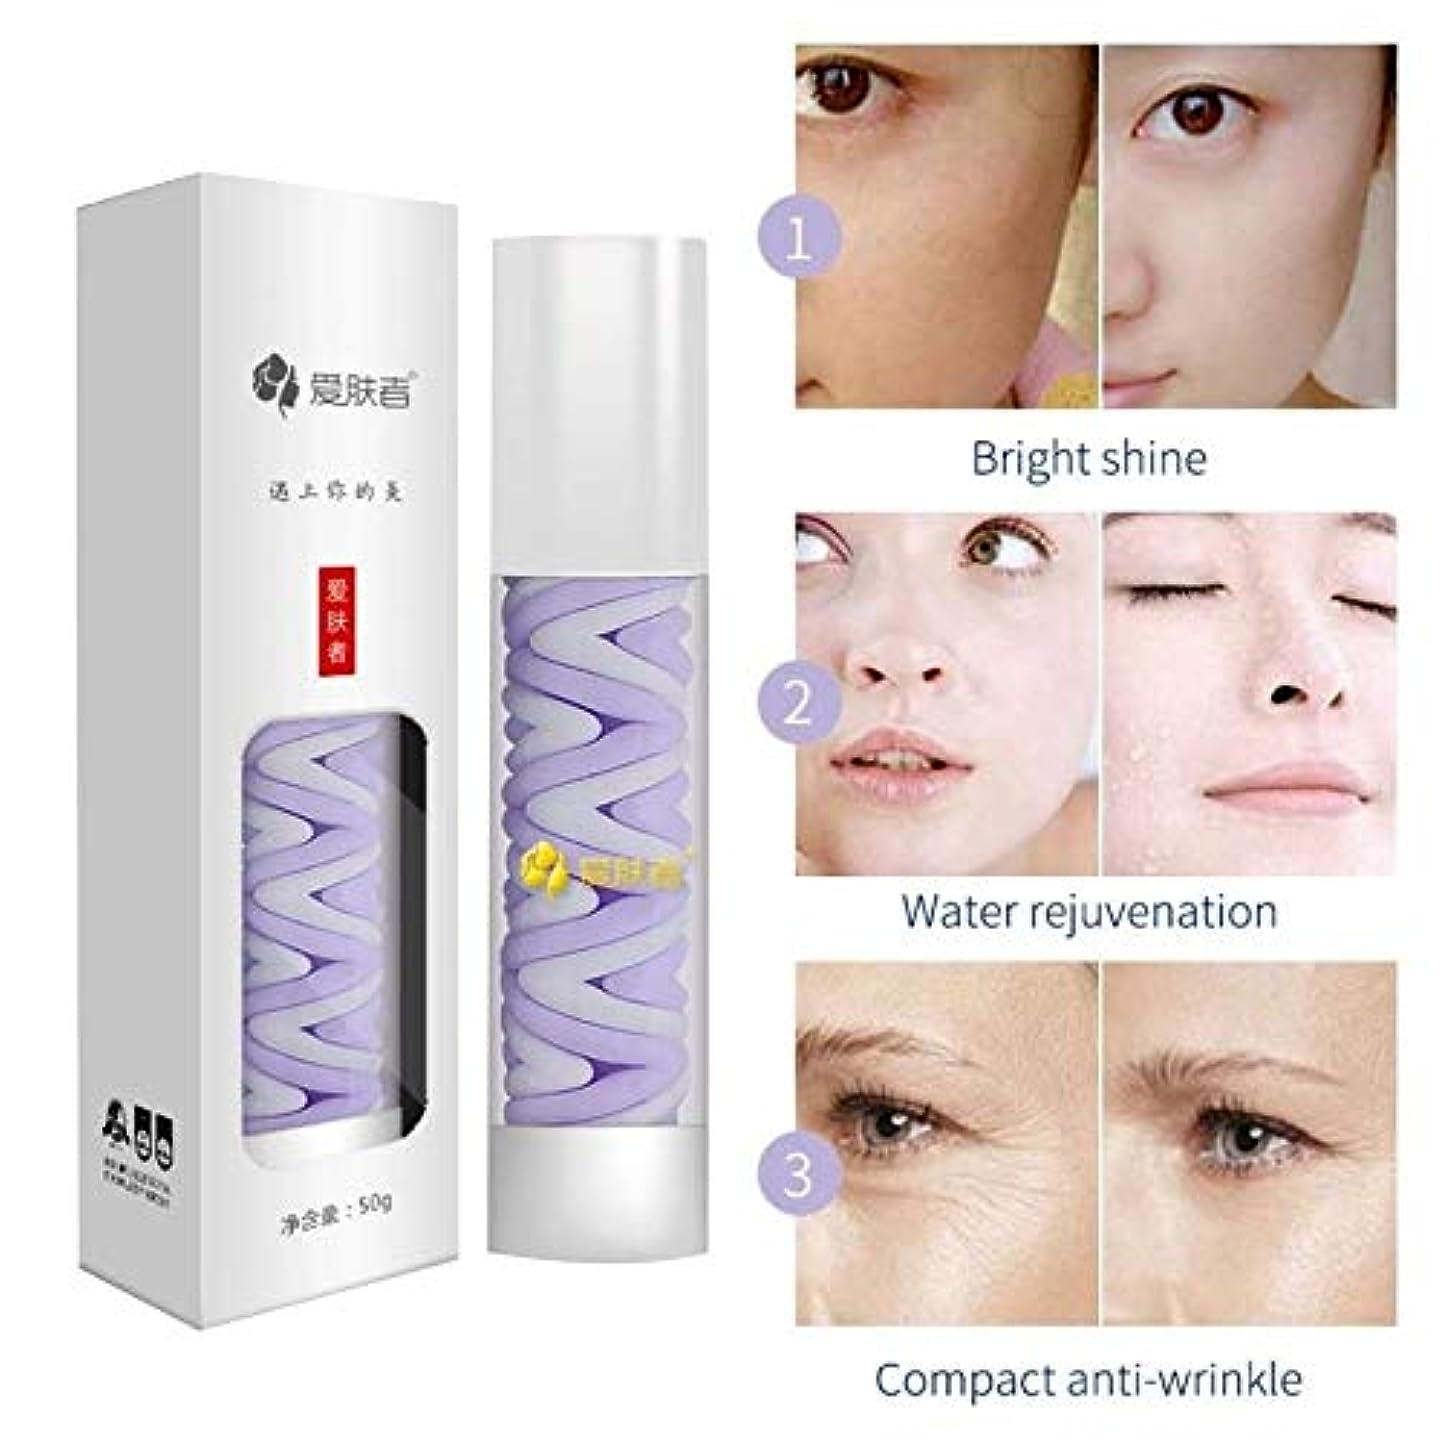 hialuronicoリフティングモイスチャライザー寧oをコラーゲンをエイジング保湿フェイスクリームhidratante顔のアンチリンクルケア